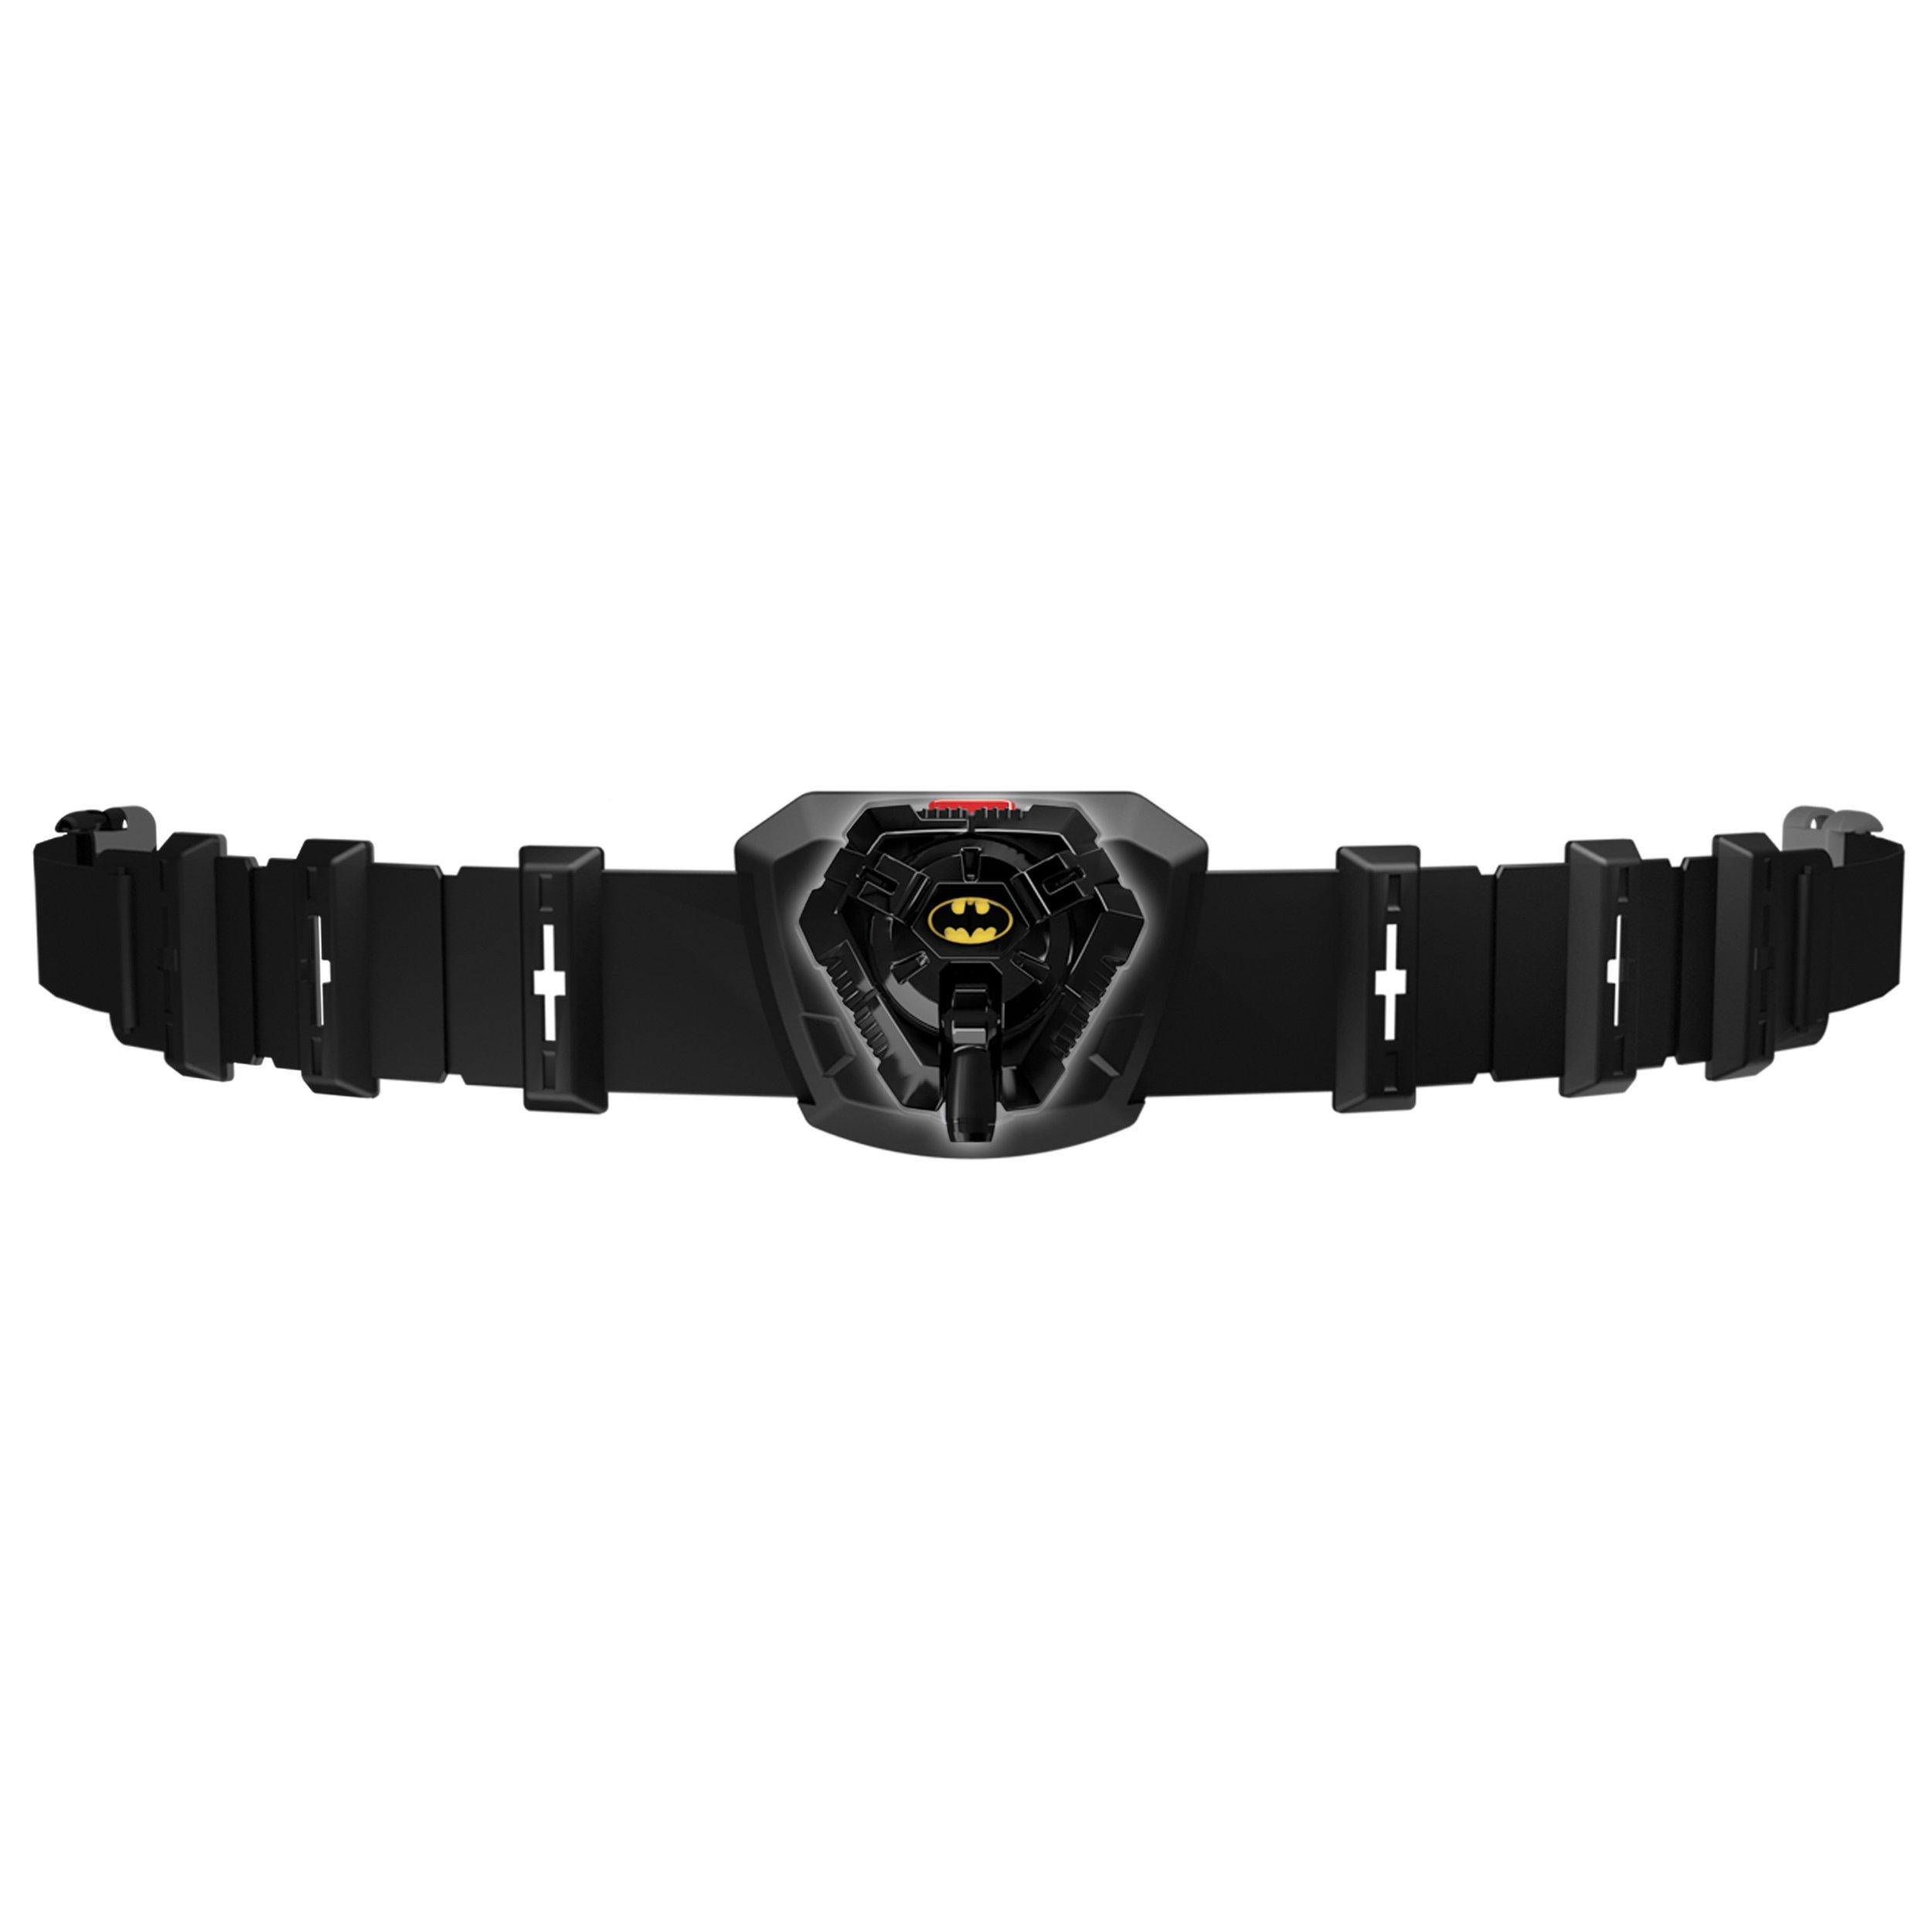 Spy Gear - Batman Utility Belt by Spy Gear